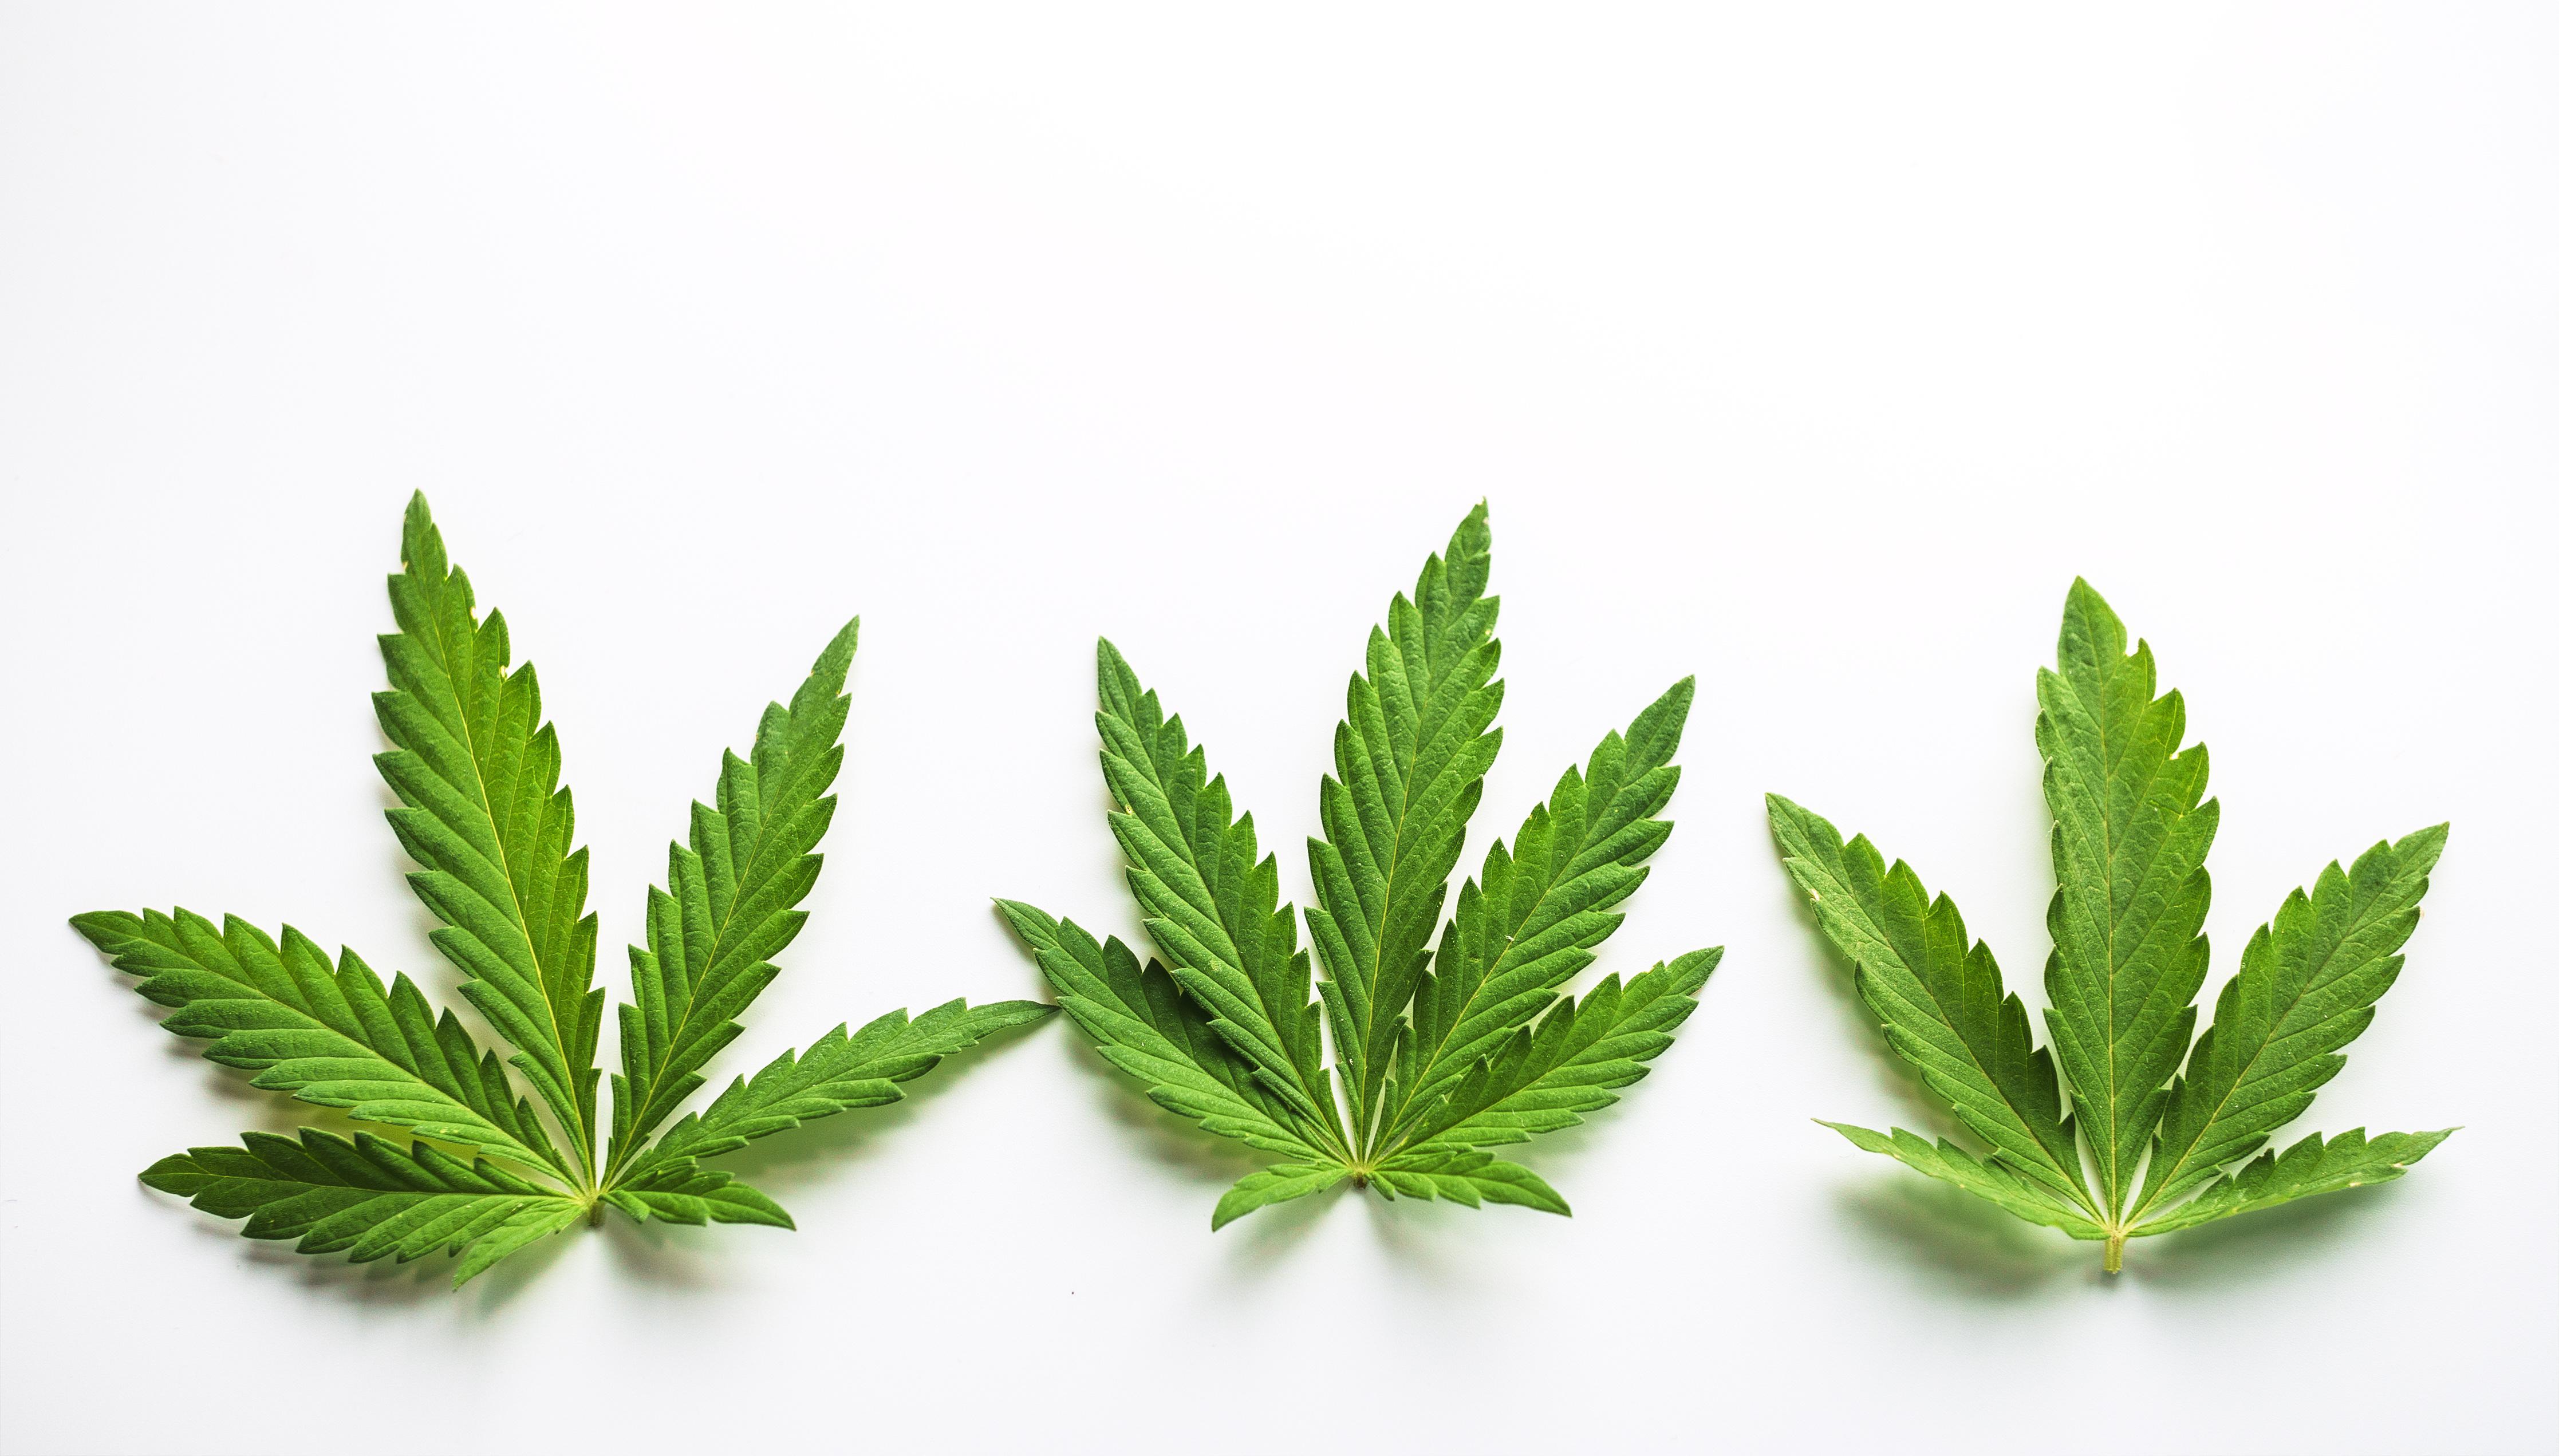 uploads///Marijuana